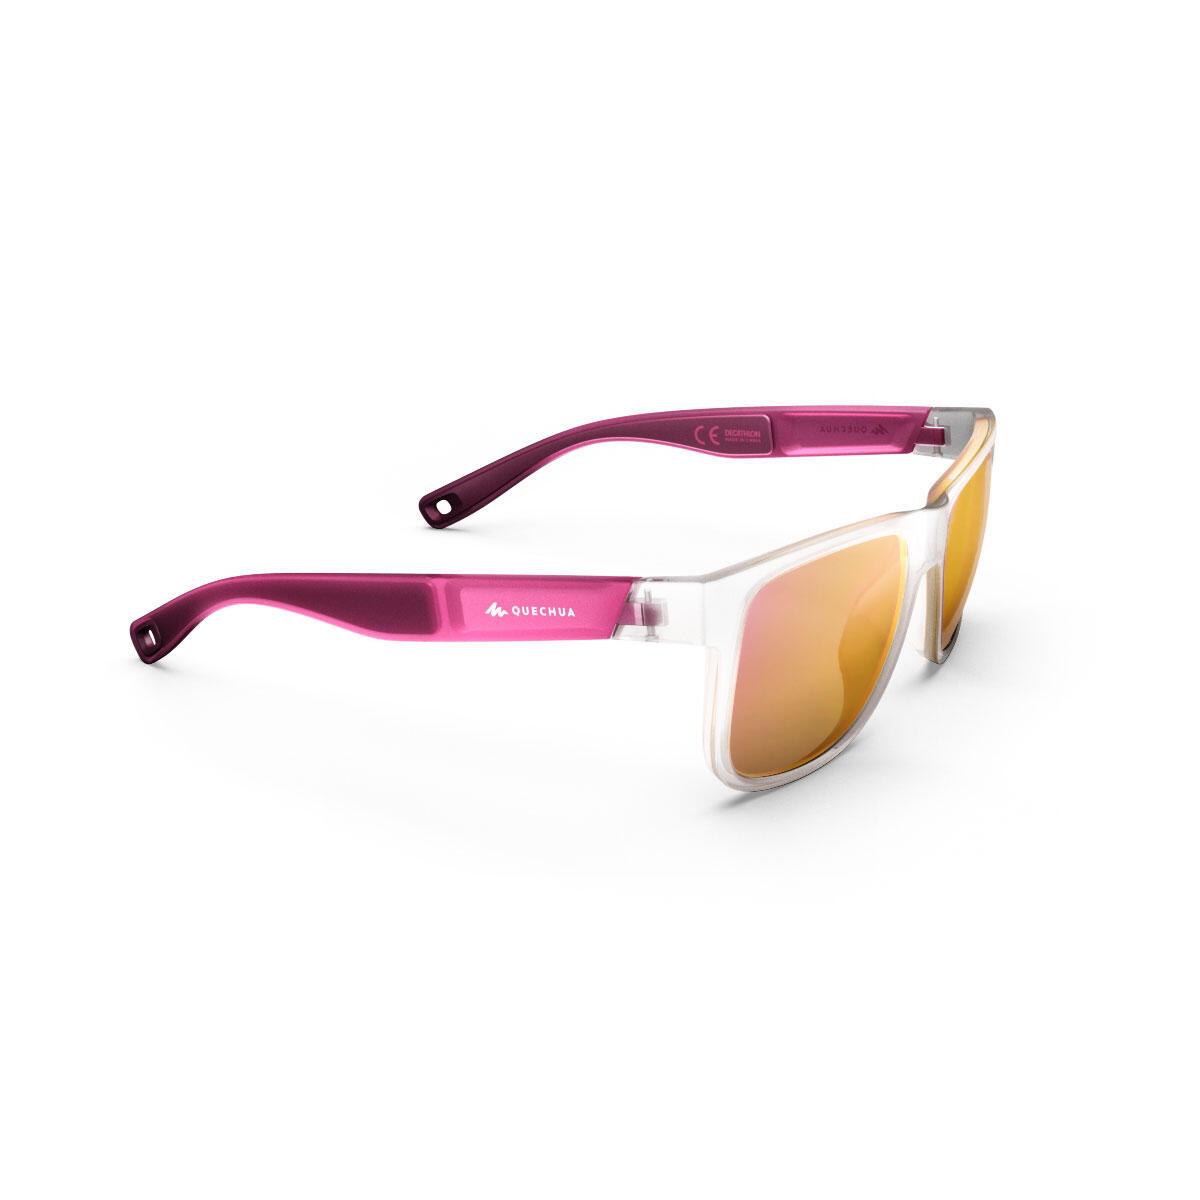 tartós szédülés homályos látással rövidlátás 0 75 hány dioptra